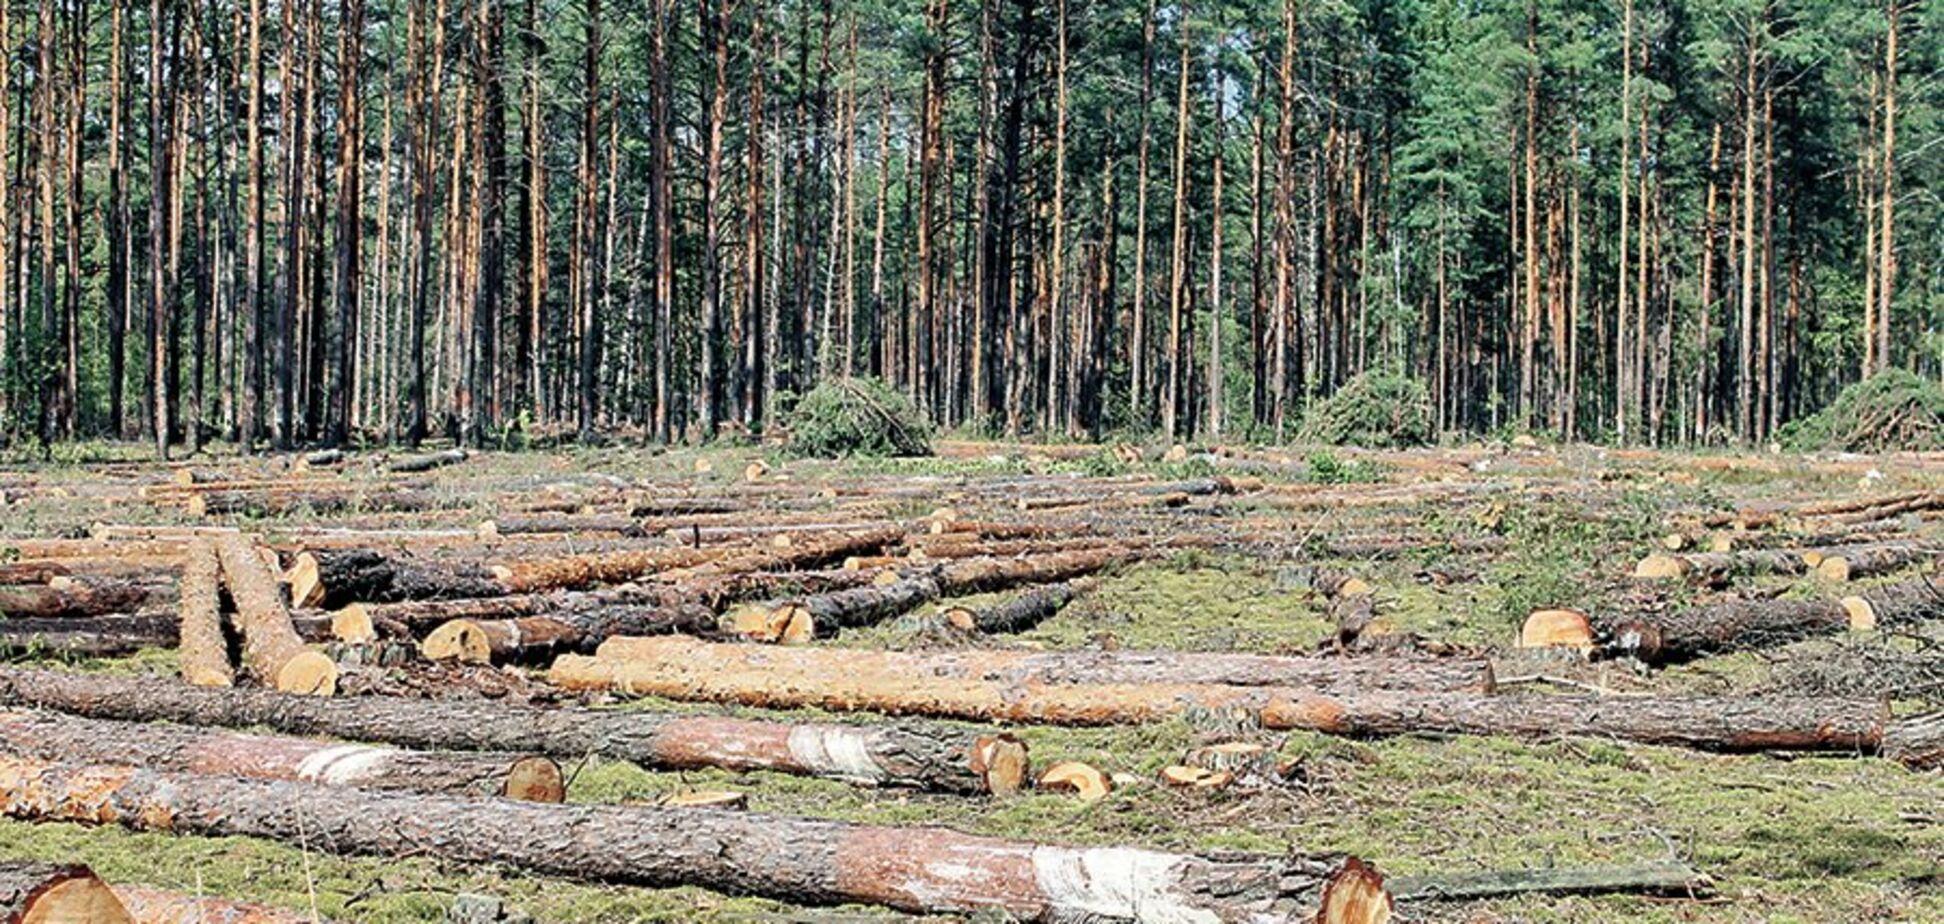 Над Украиной нависла экологическая катастрофа: как спастись